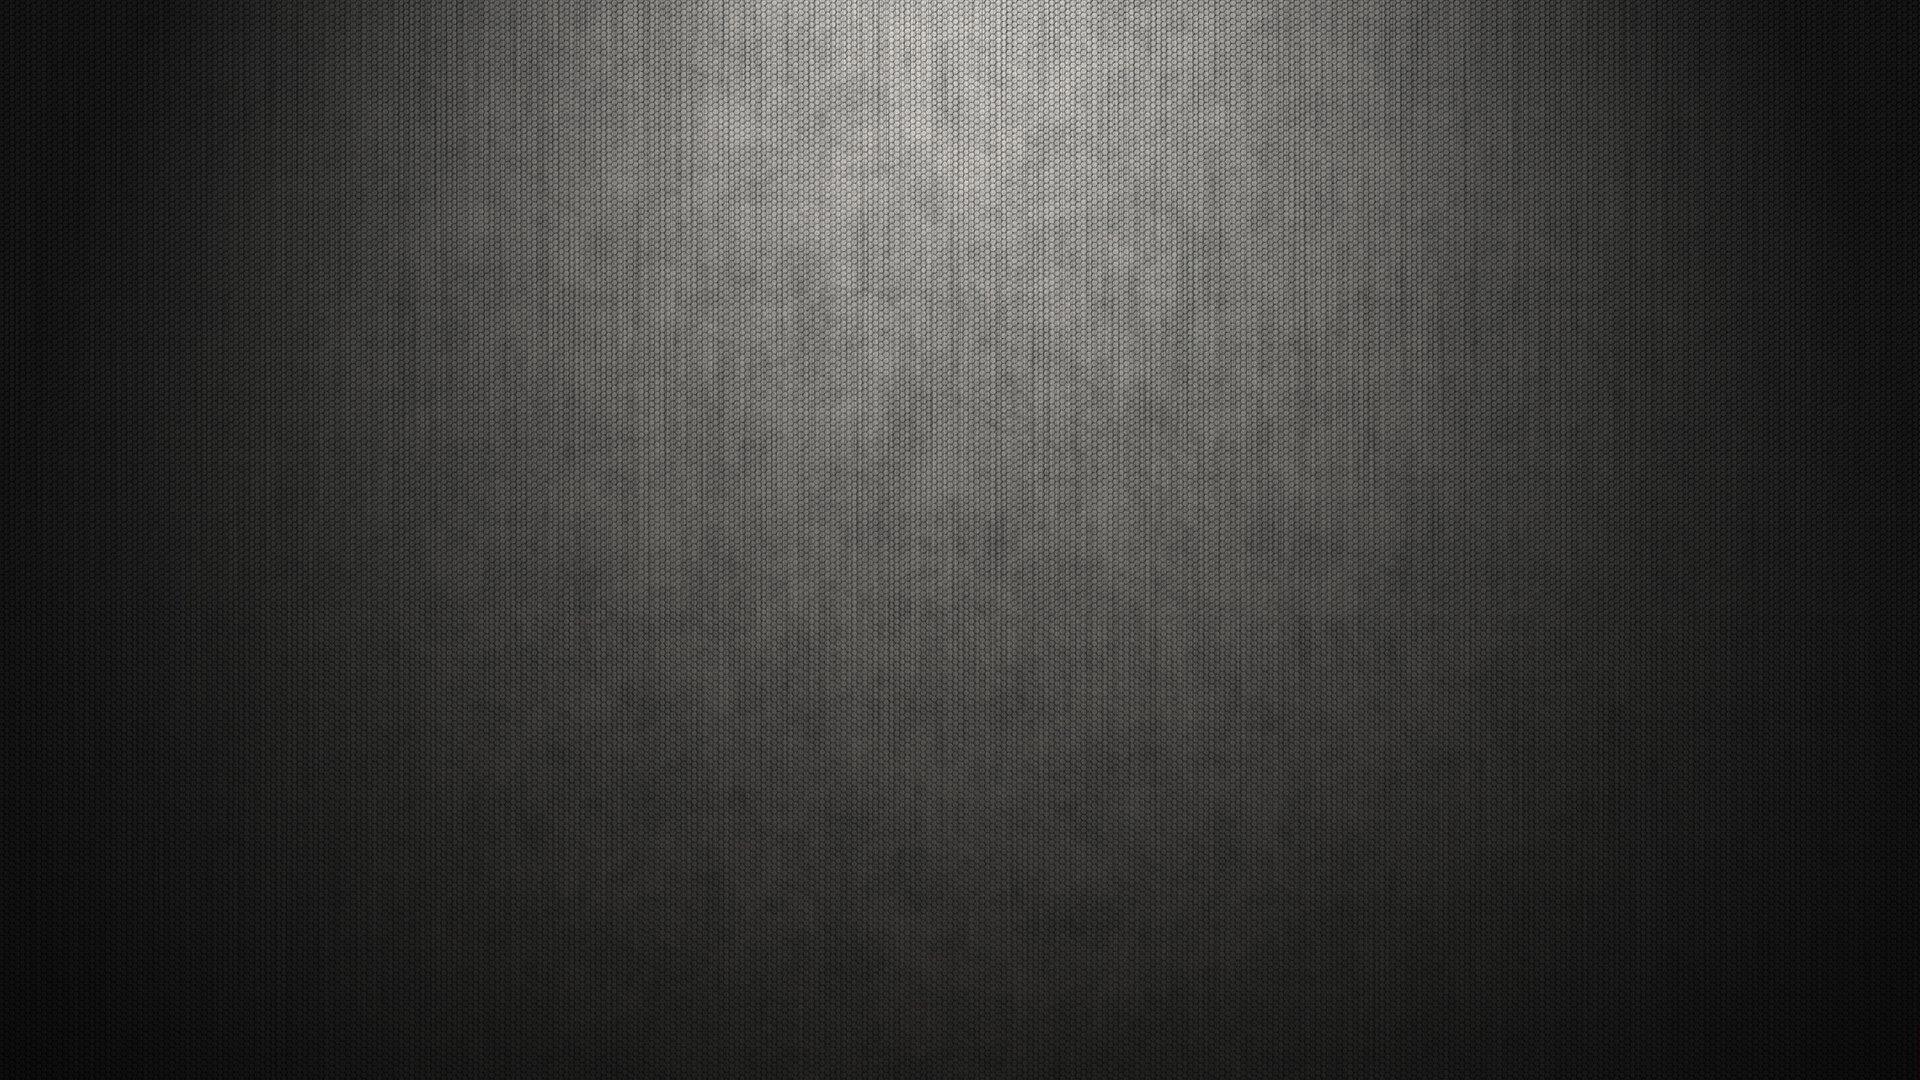 minimalist wallpaper 5729